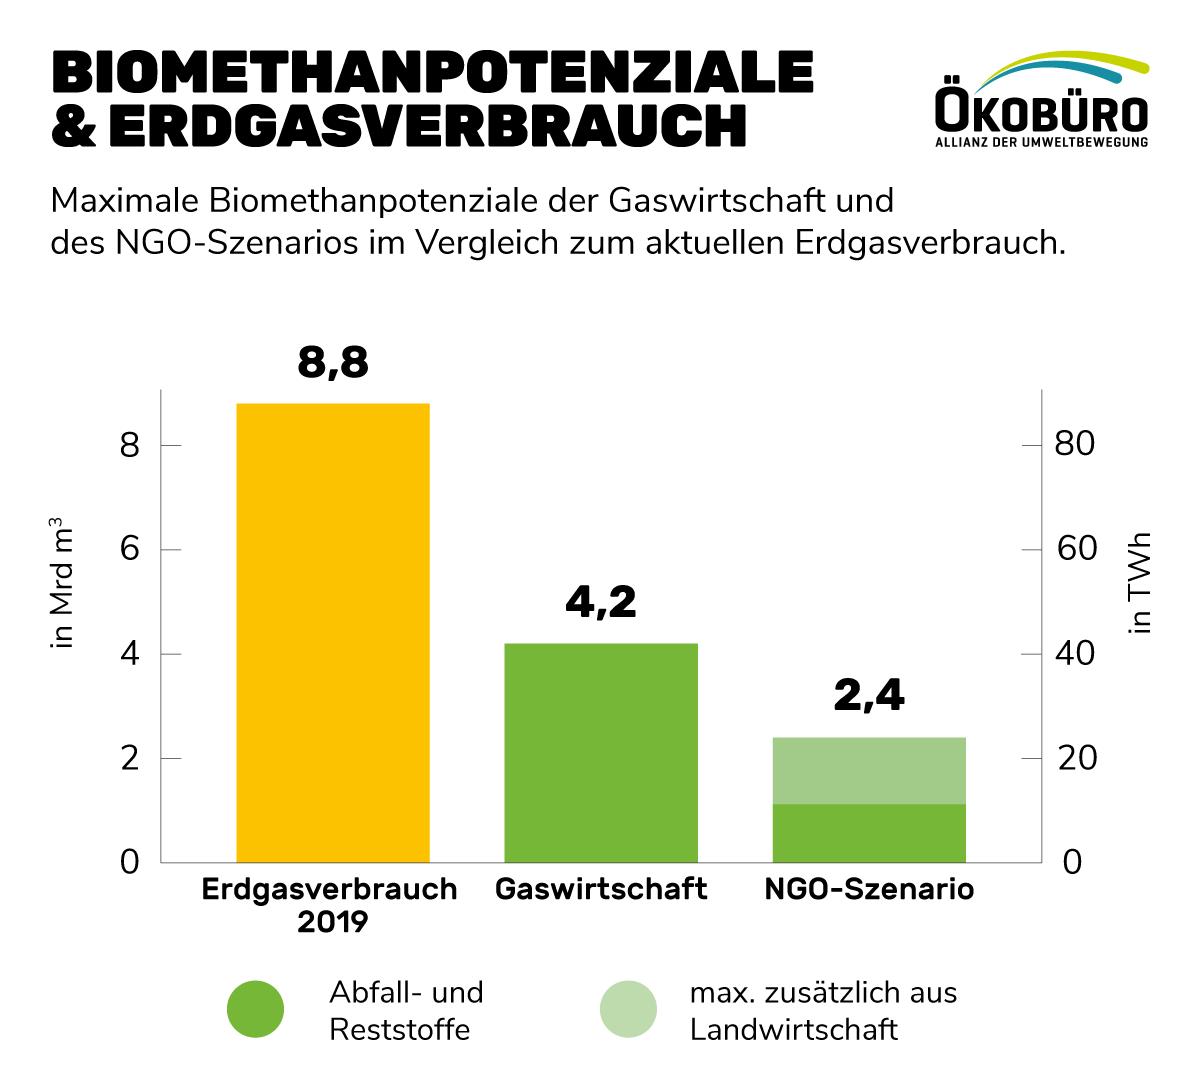 Biomethanpotenziale & Erdgasverbrauch